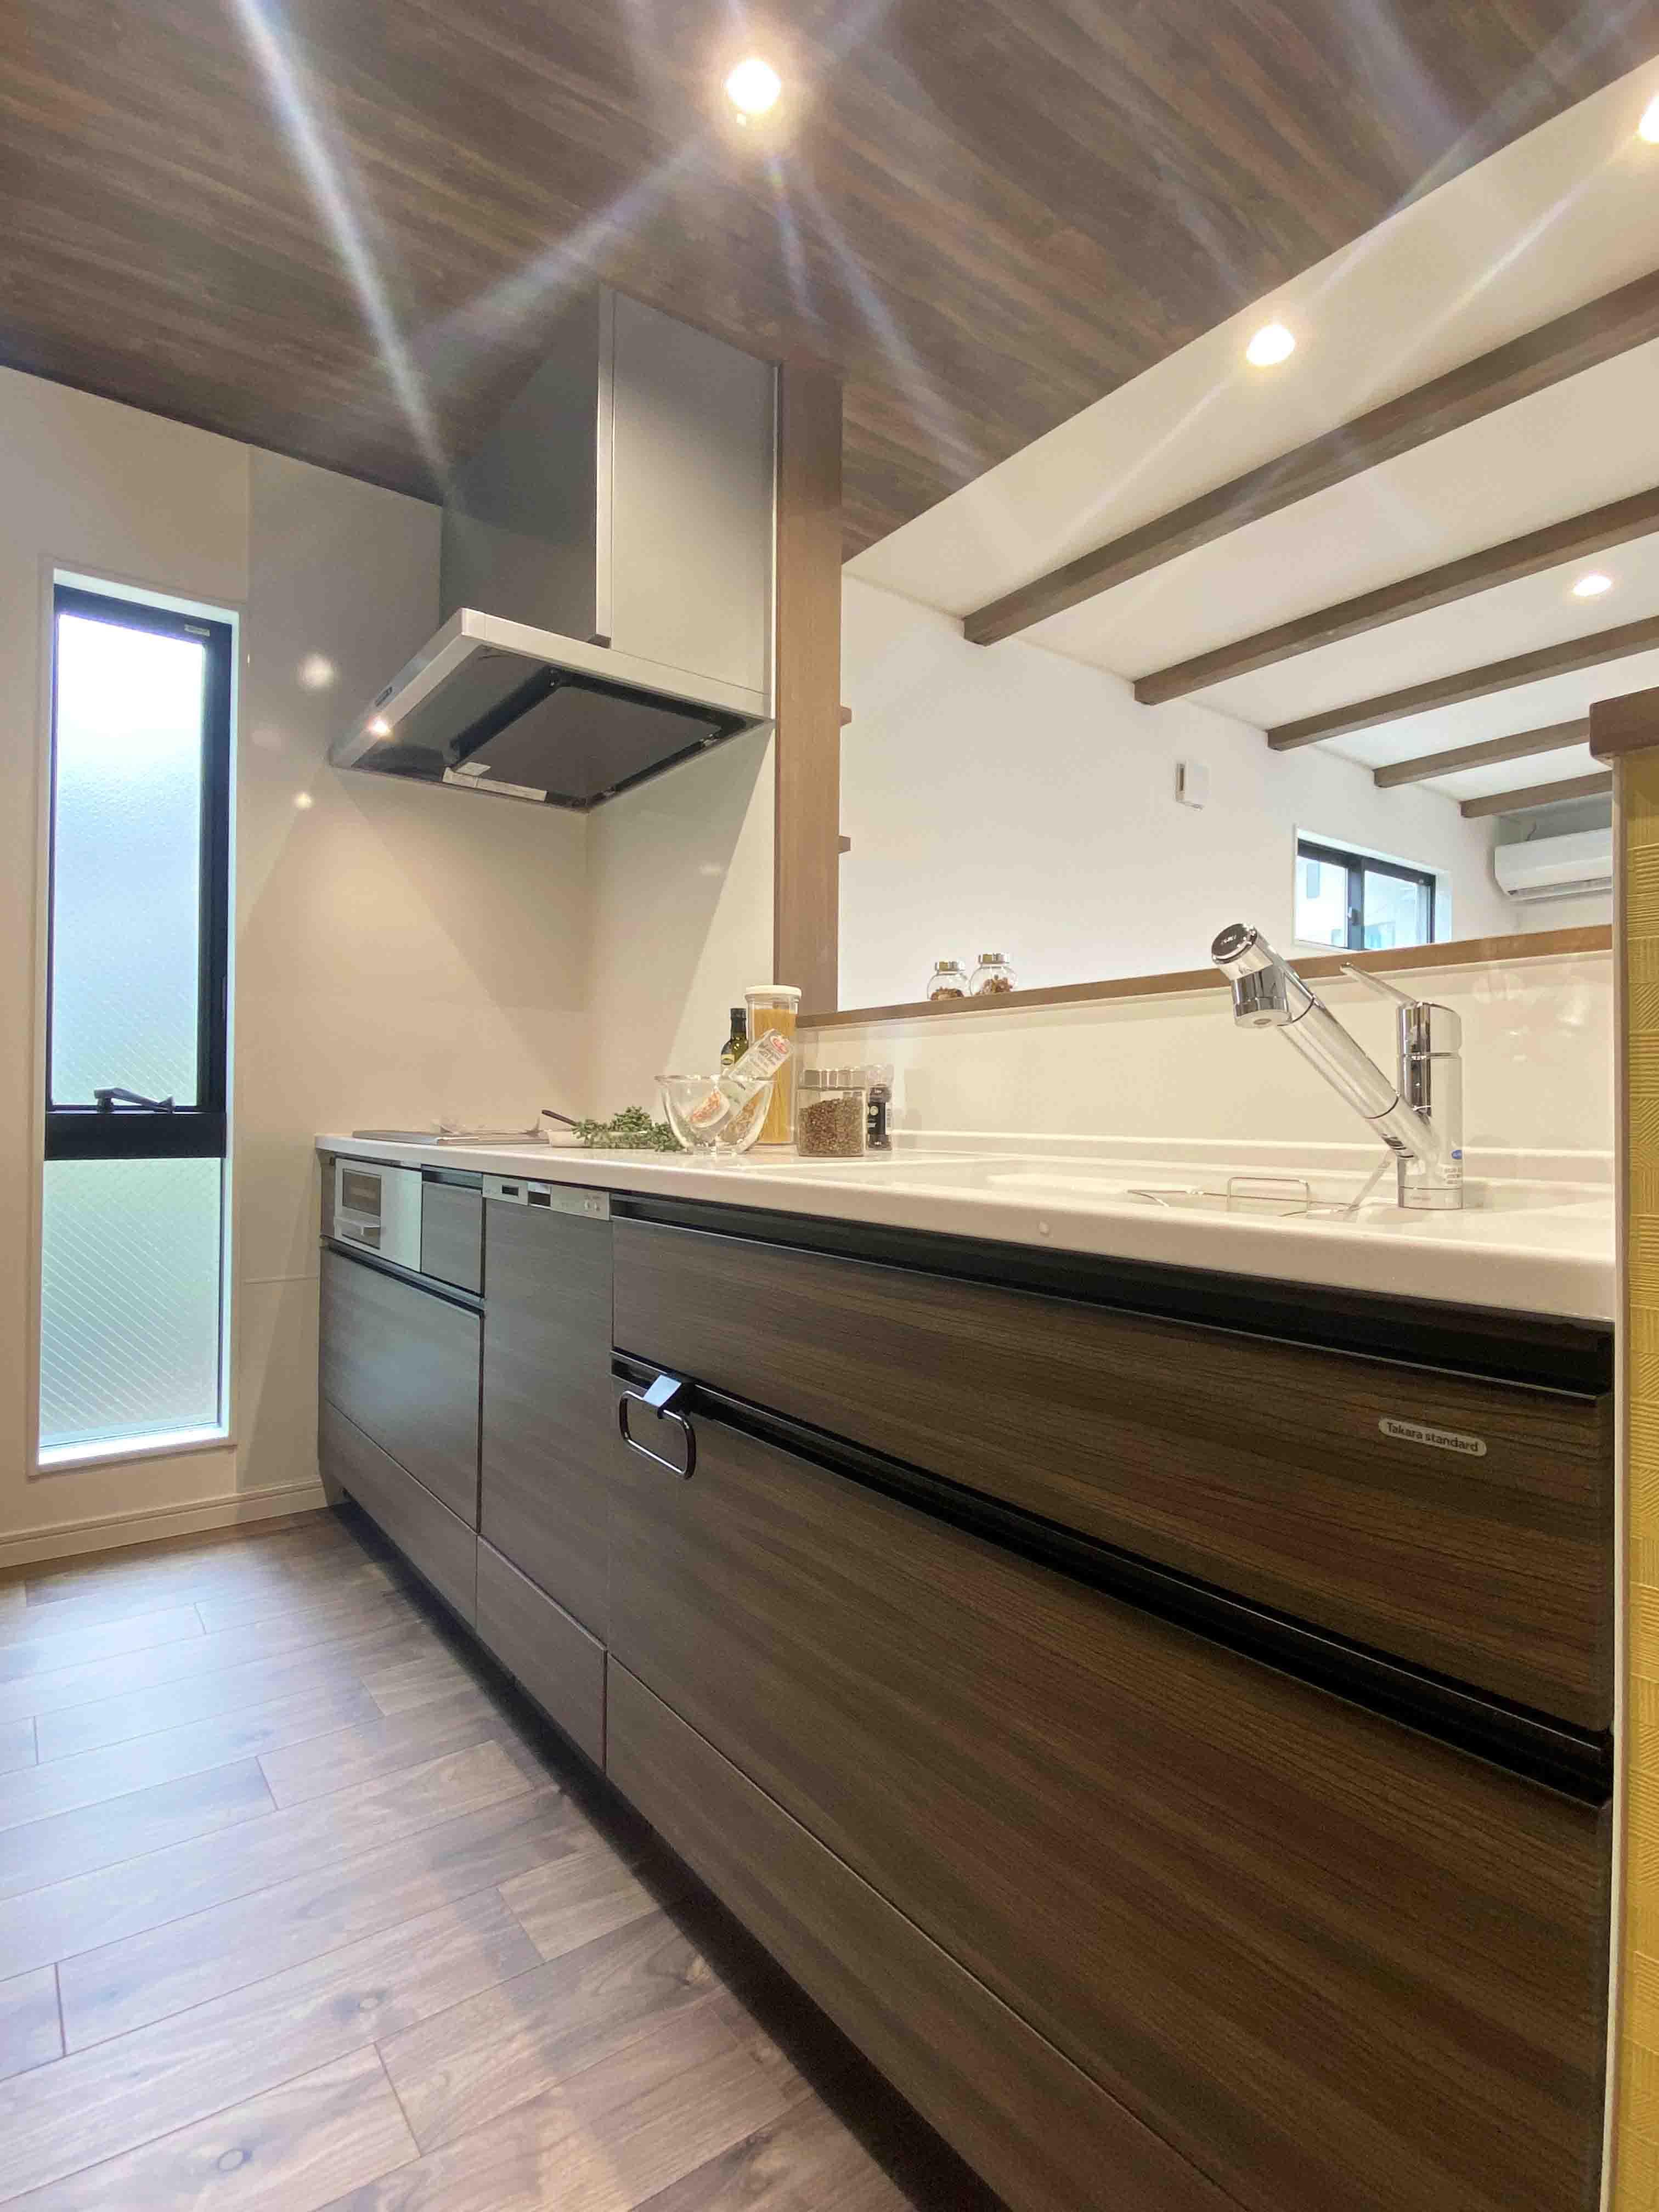 株式会社アンドクリエイト「うちカフェが楽しくなる家」のモダンなキッチンの実例写真